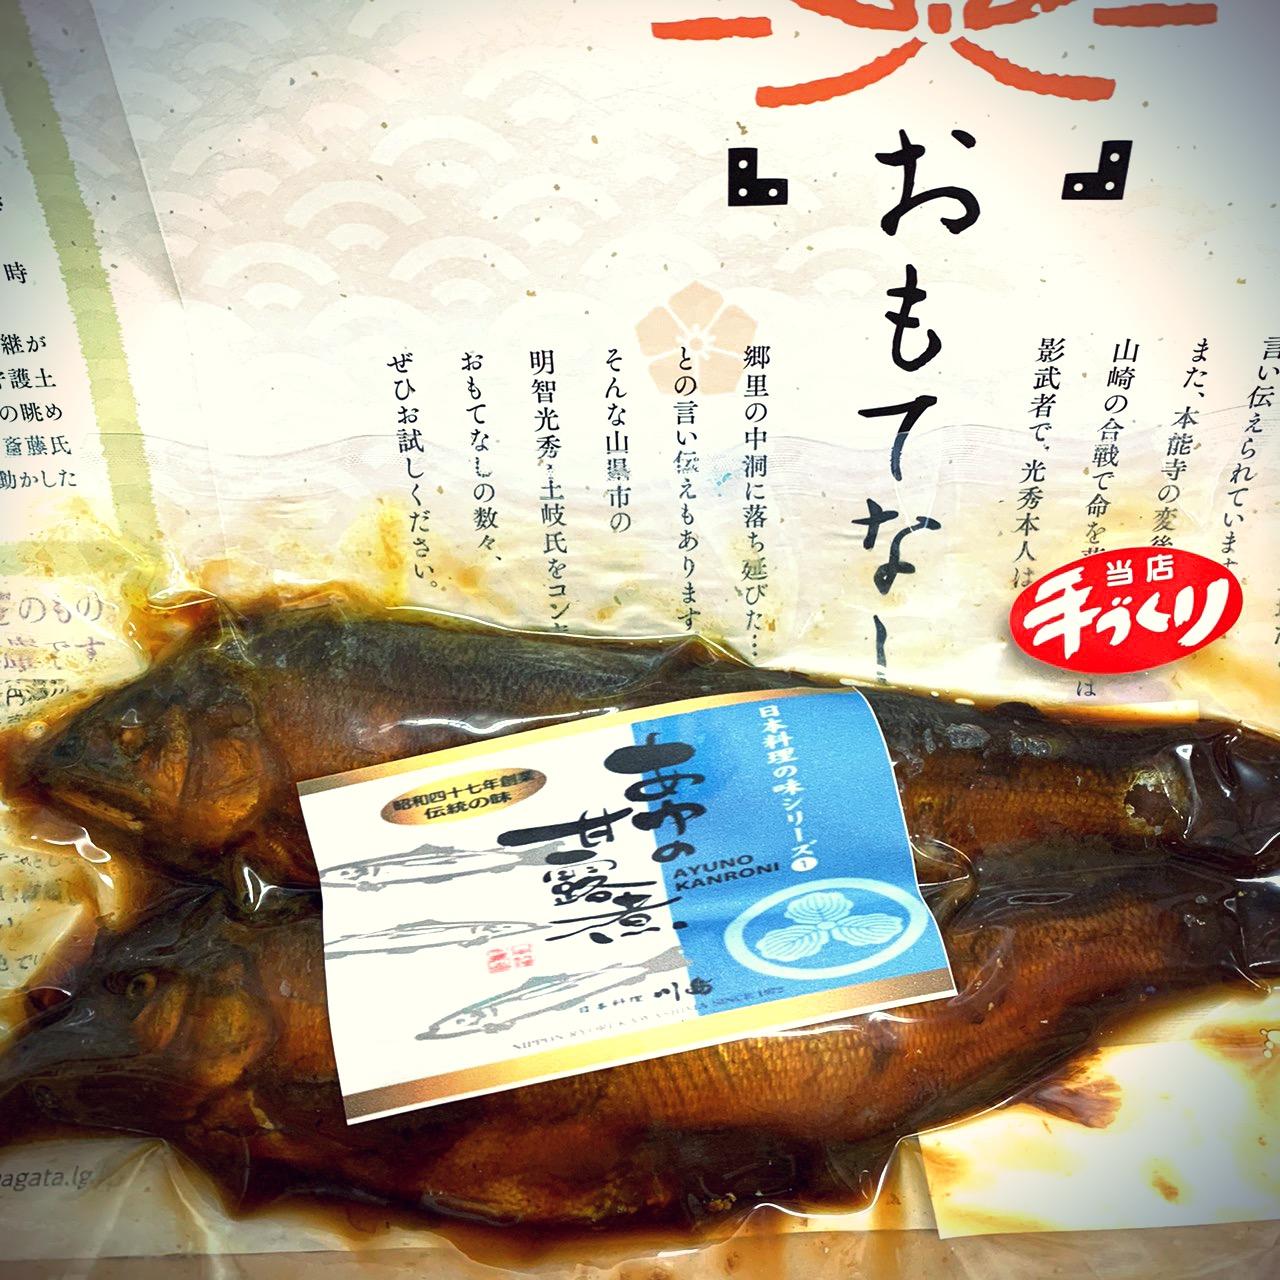 写真_岐阜県産あゆの甘露煮をプレゼント